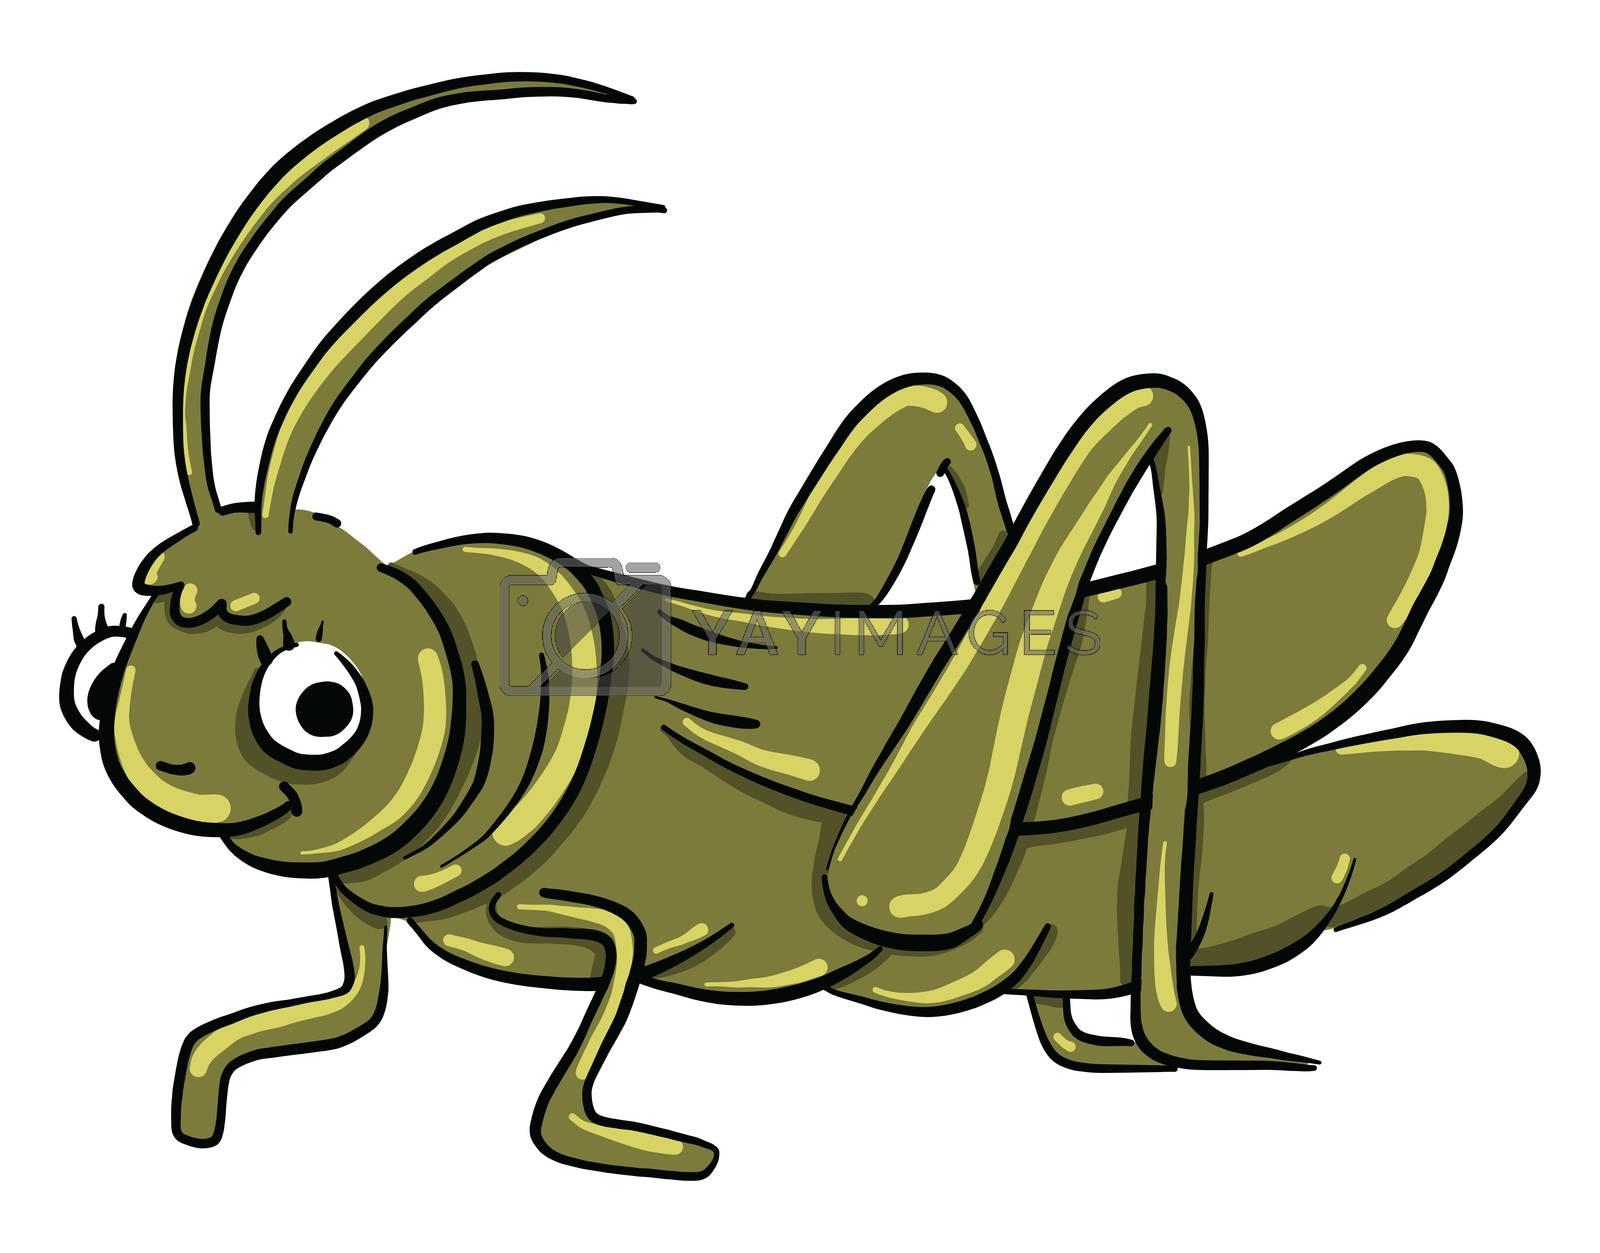 Green grasshopper , illustration, vector on white background